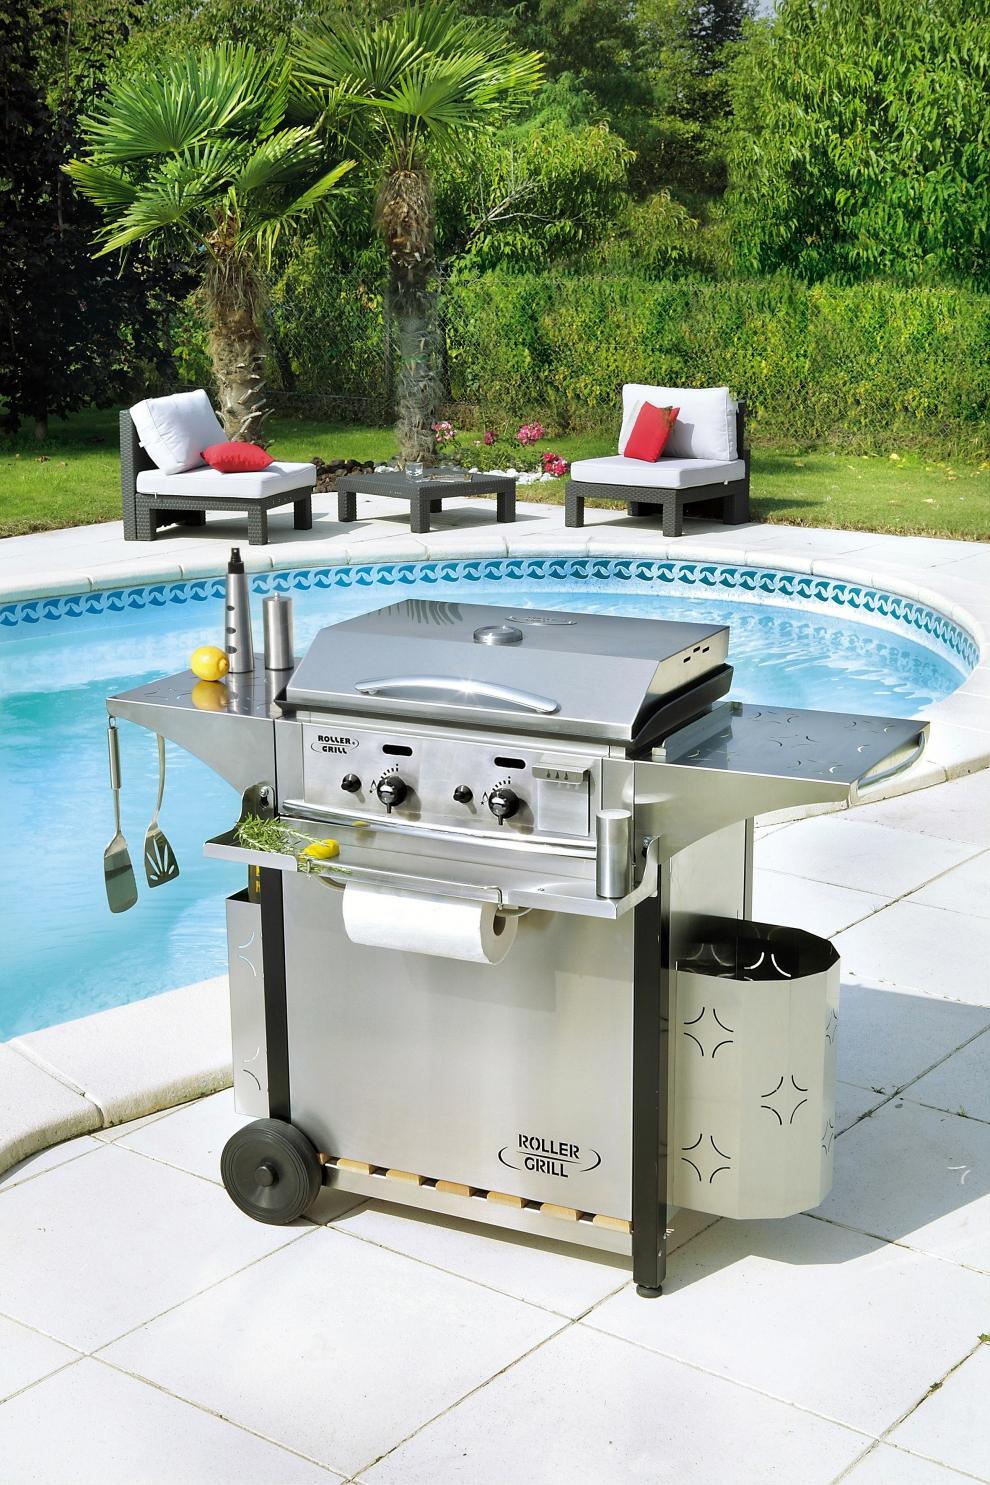 Roller grill kit de cuisine ext rieur premium 8 pi ces - Plancha de cuisine ...